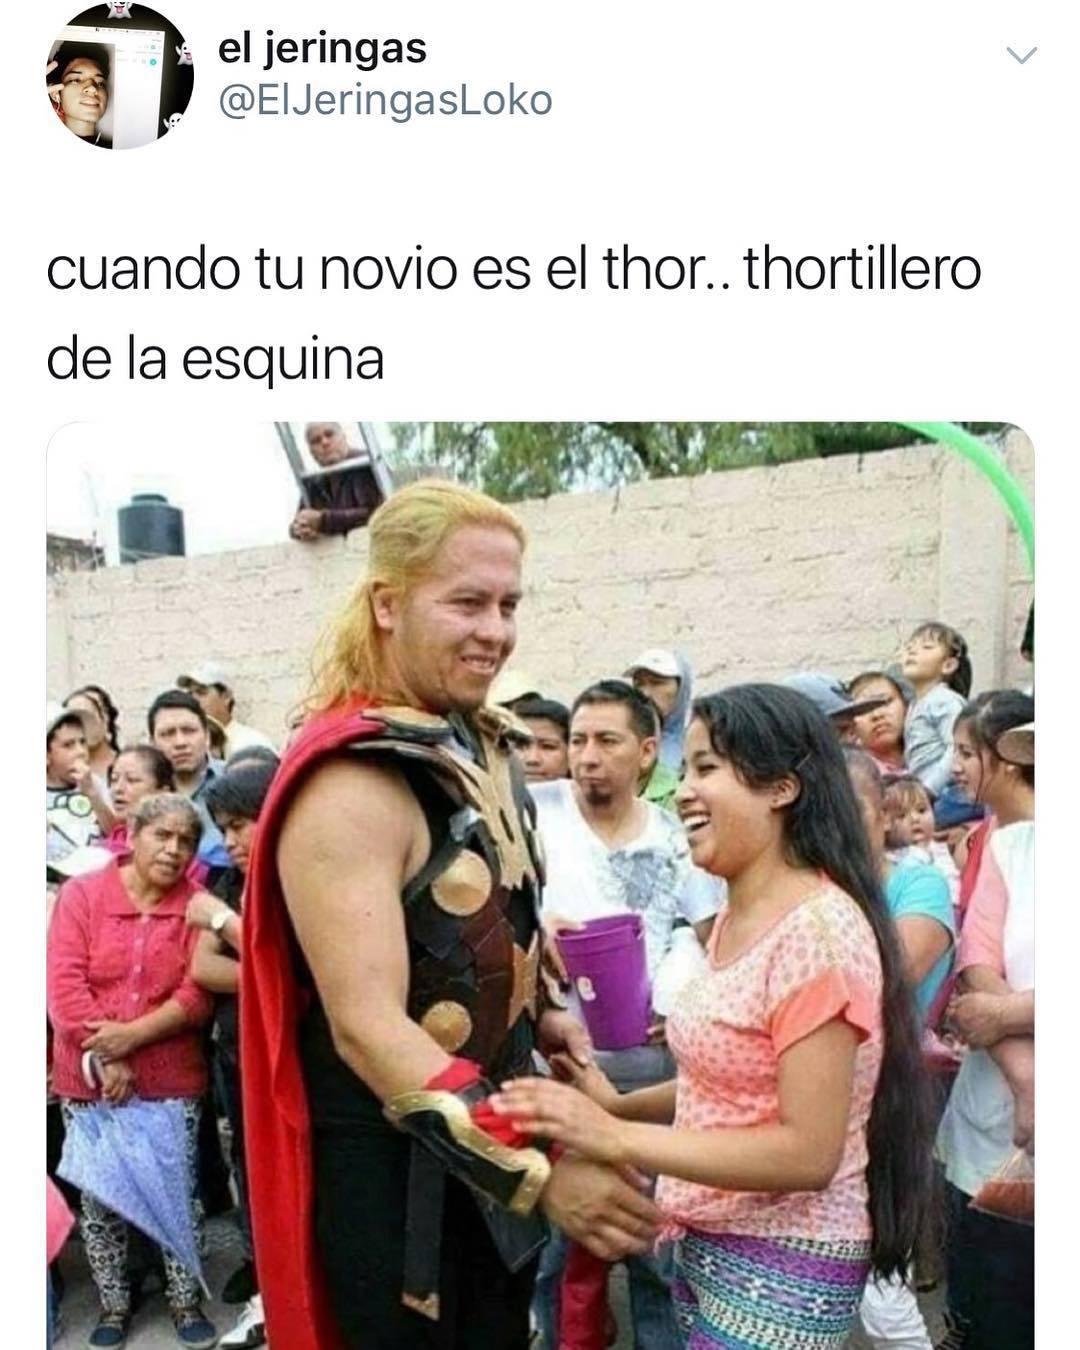 Con este Thor si que hubieran ganado contra thanos - meme